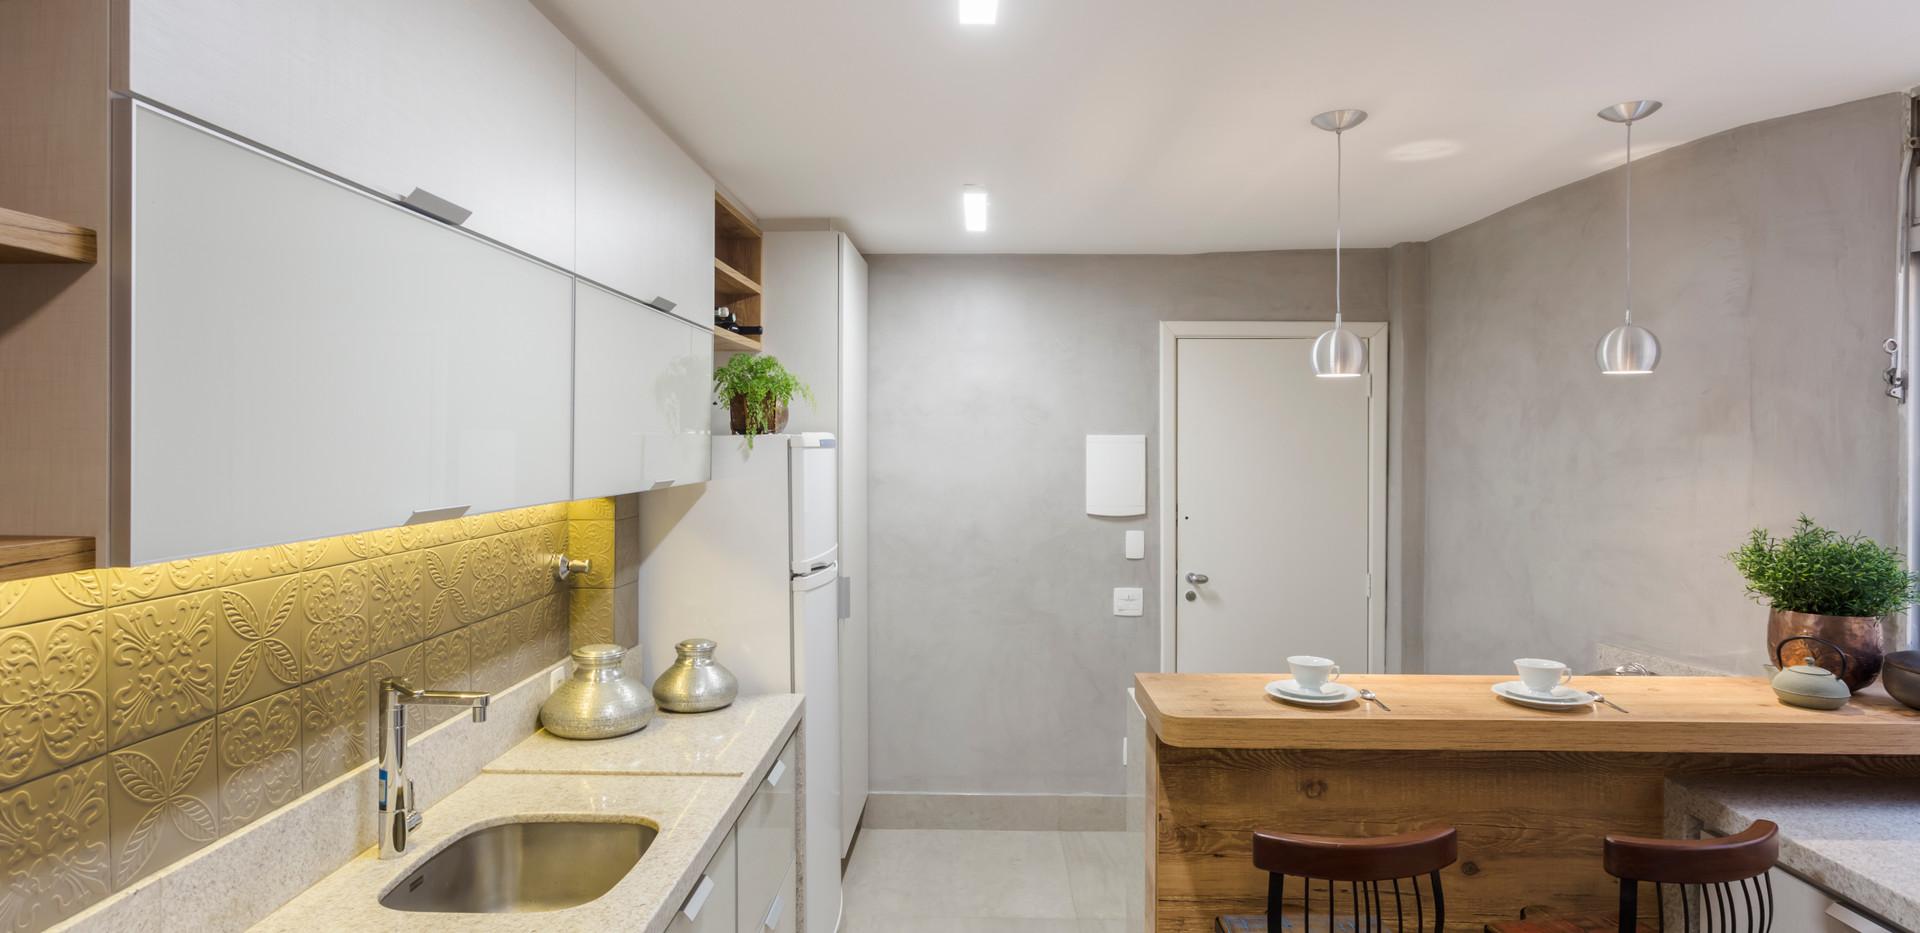 Cozinha - Ana Marinho - Designare Ambientes - BH-MG-BRASIL - 02.jpg